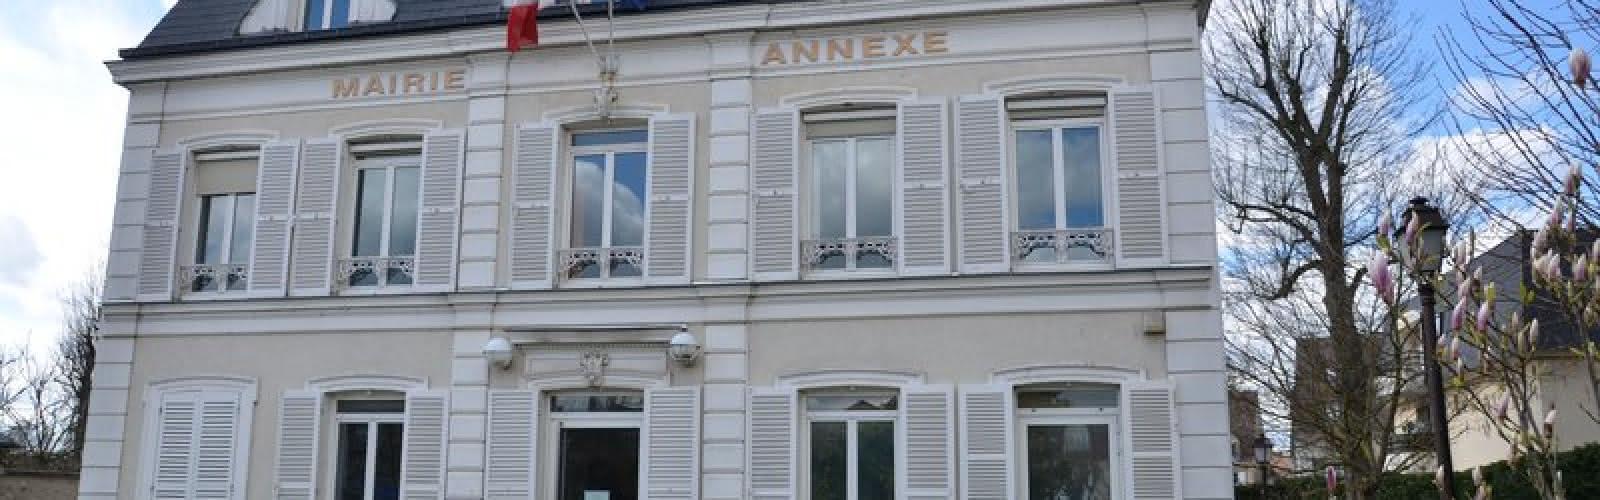 Mairie Annexe - Roissy-en-France